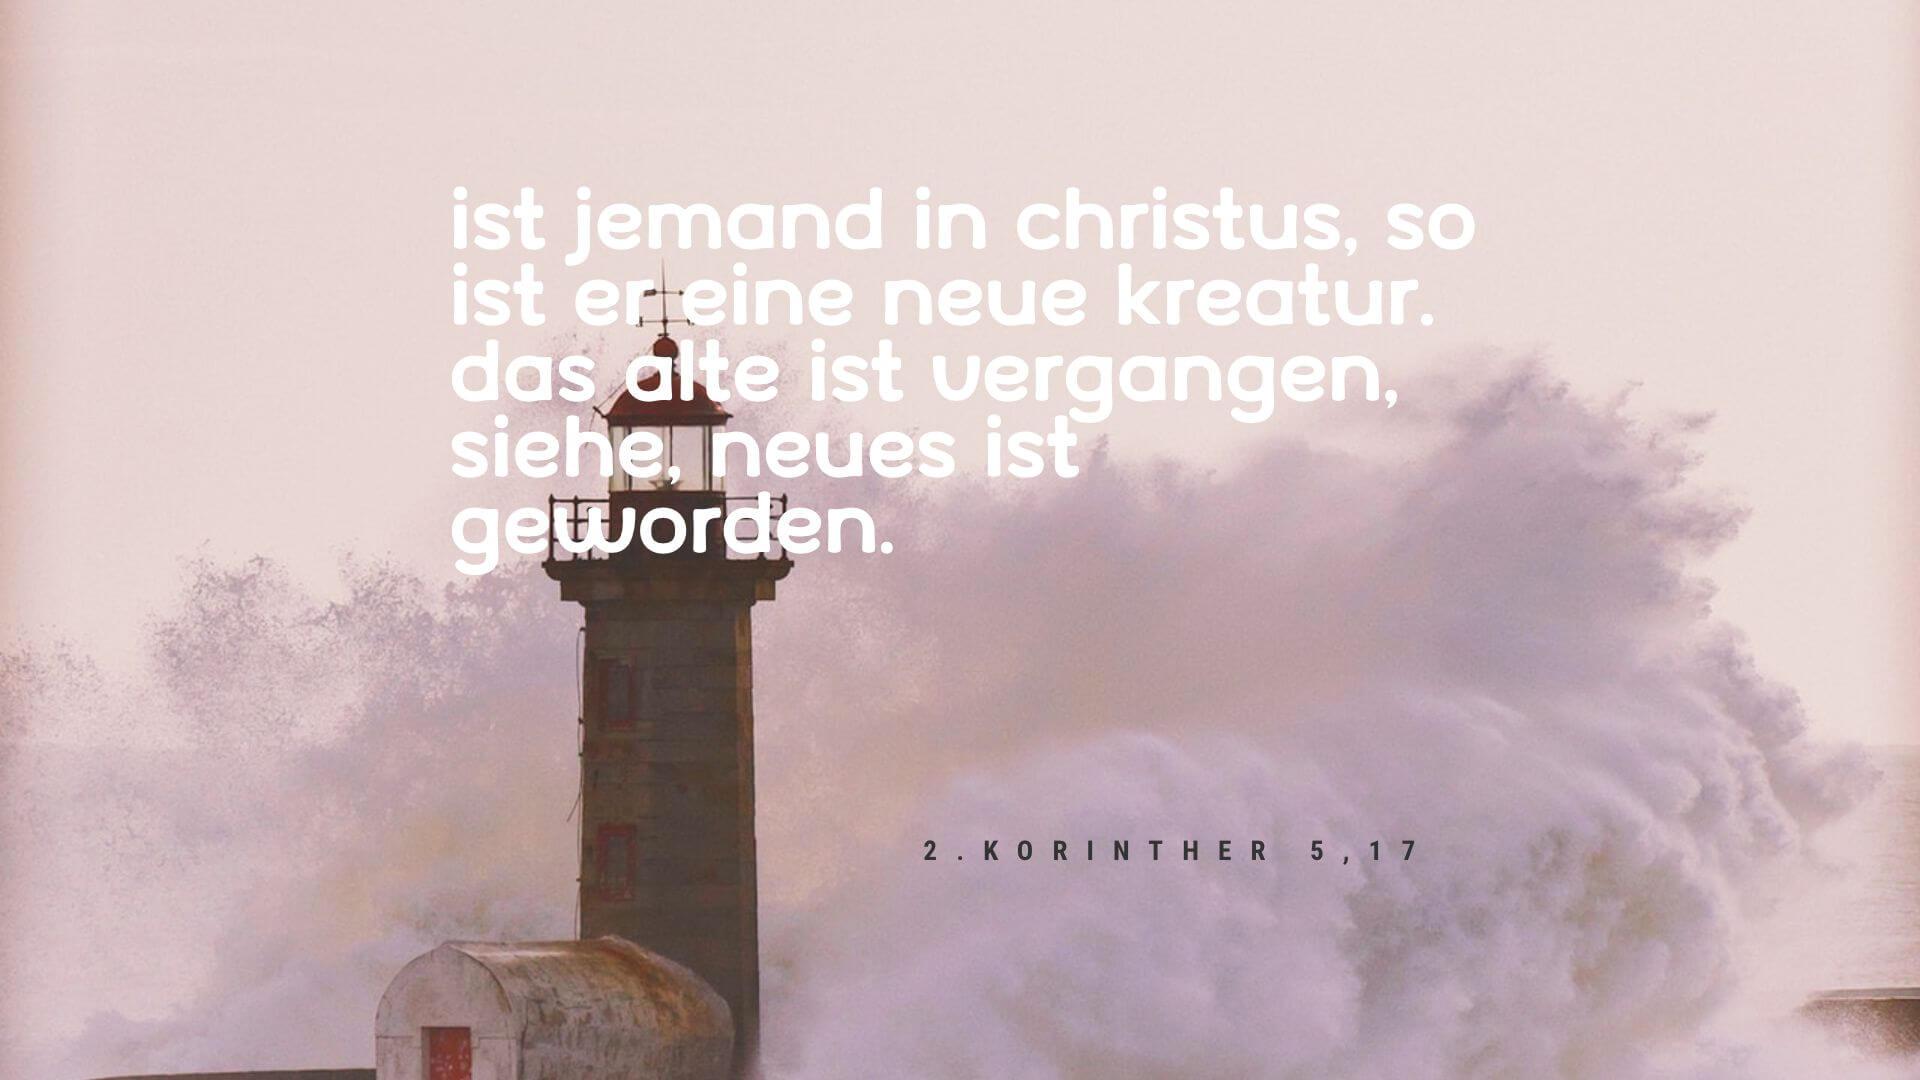 Ist jemand in Christus, so ist er eine neue Kreatur. das Alte ist vergangen, siehe, Neues ist geworden. - 2.Korinther 5,17